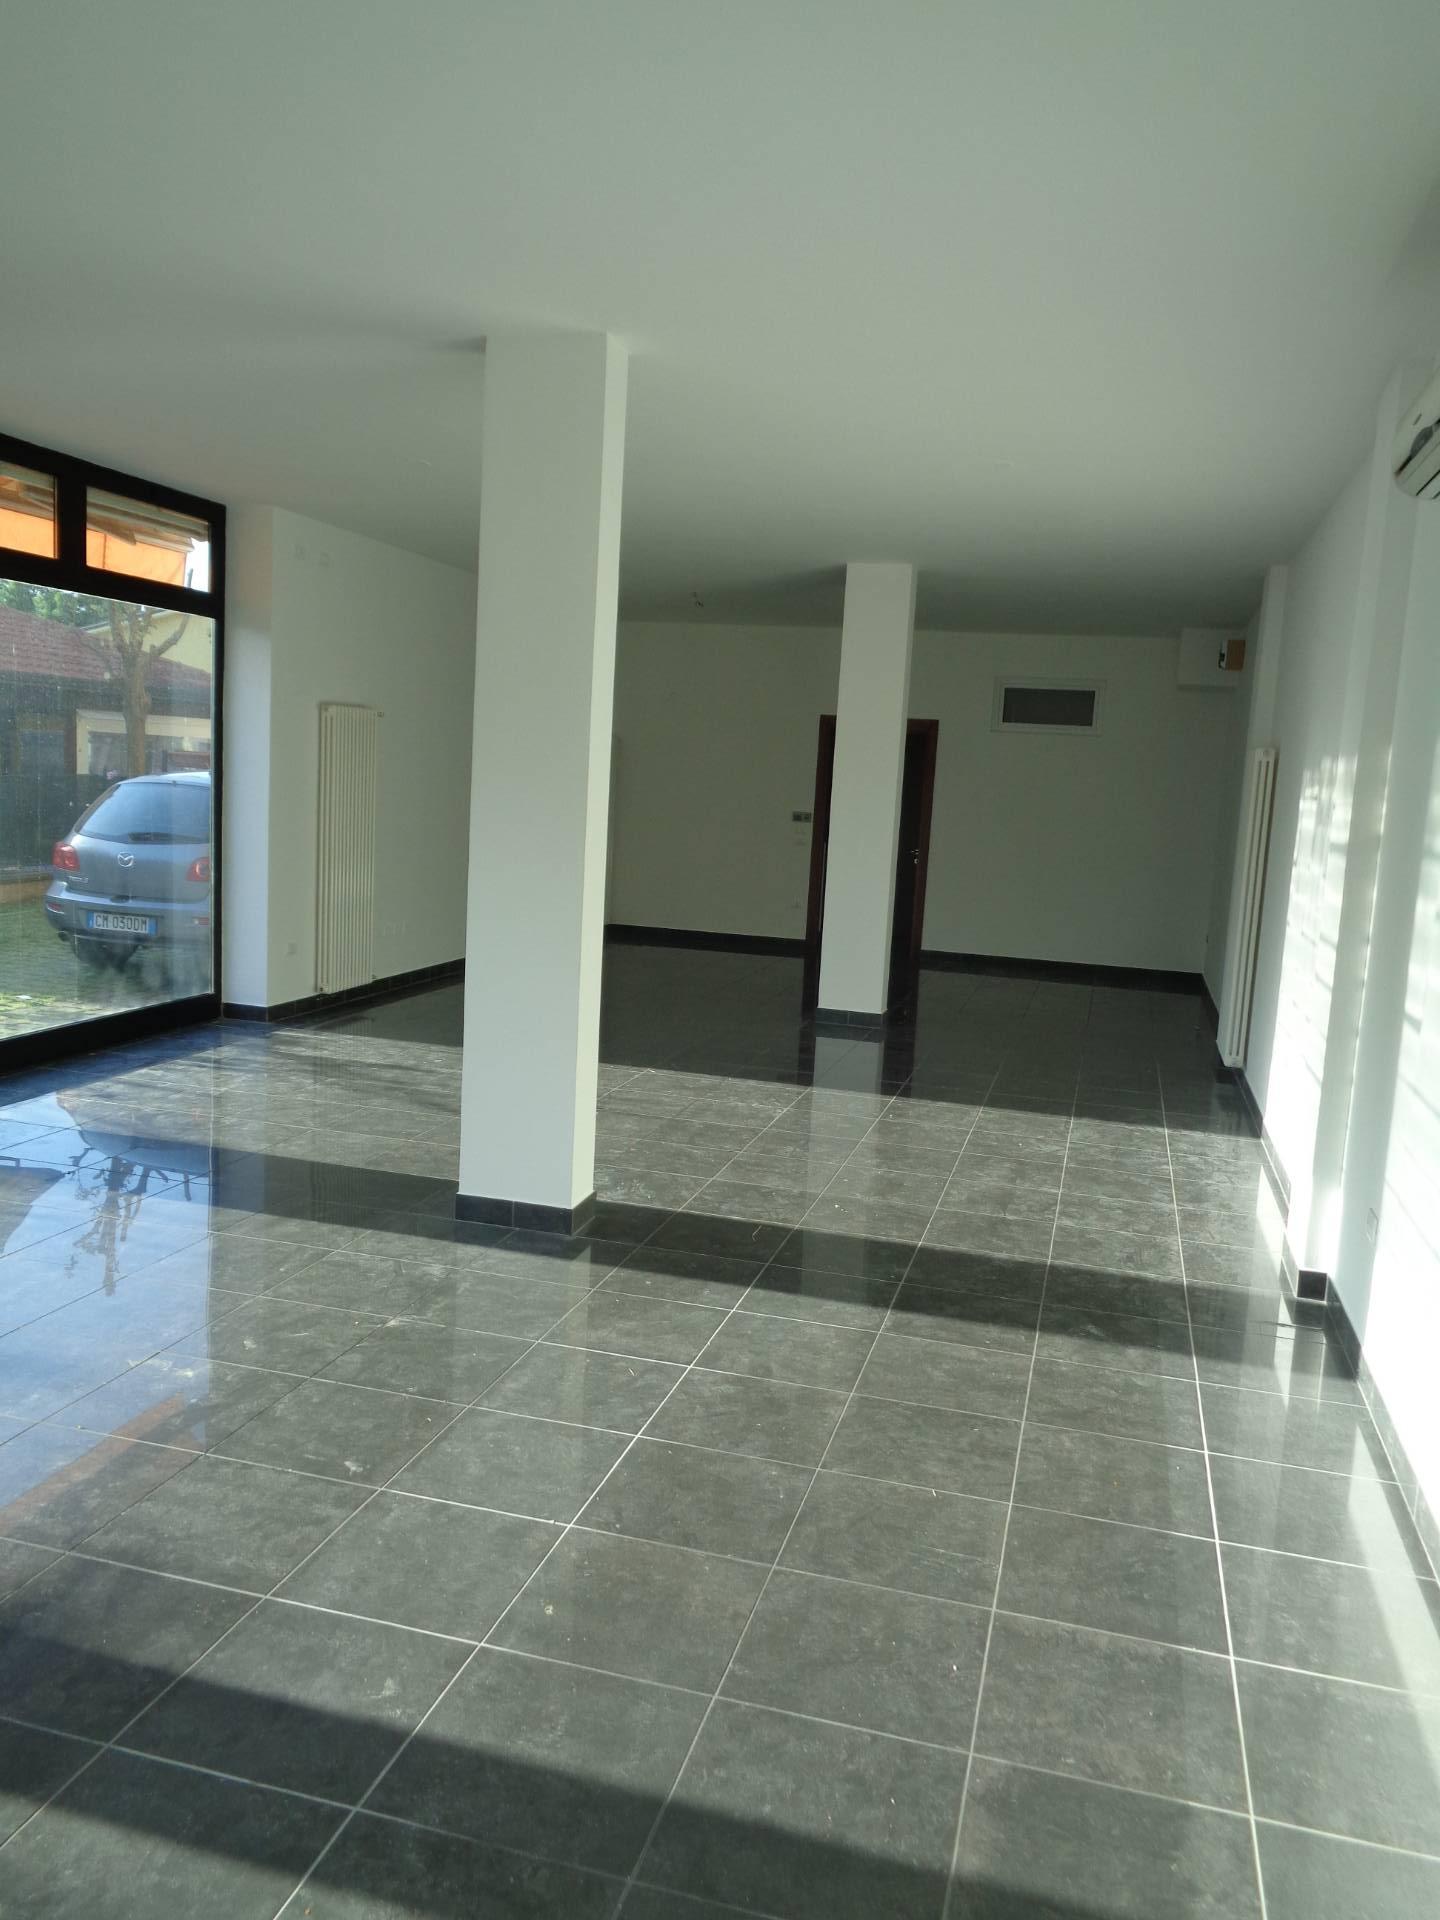 Negozio / Locale in affitto a Longiano, 9999 locali, zona Località: BudrioDiLongiano, prezzo € 600   CambioCasa.it